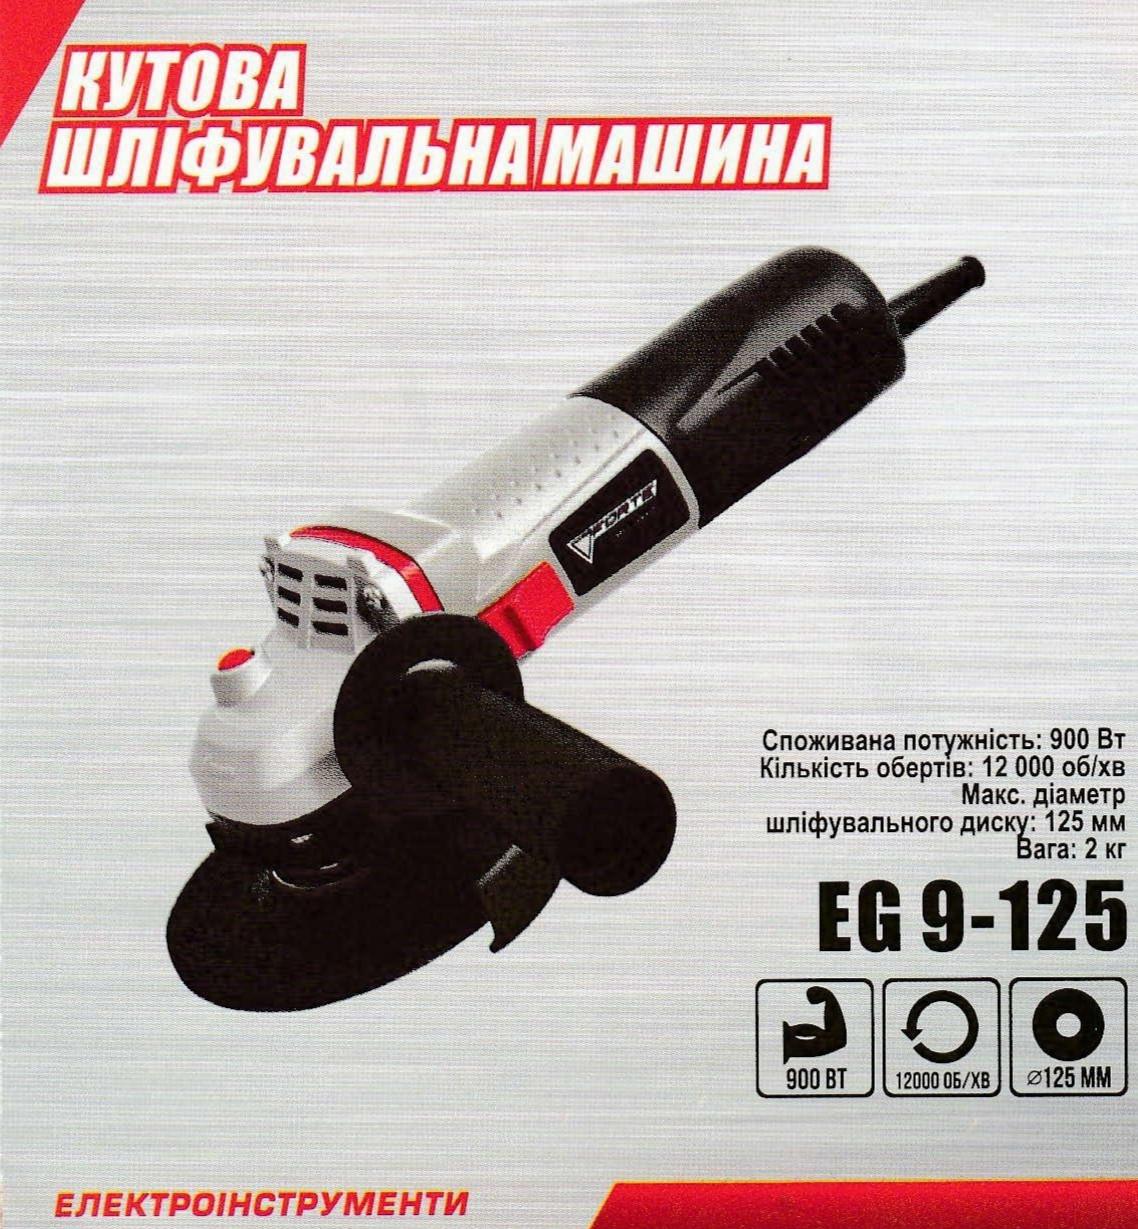 Угловая шлифовальная машин Forte EG 9-125